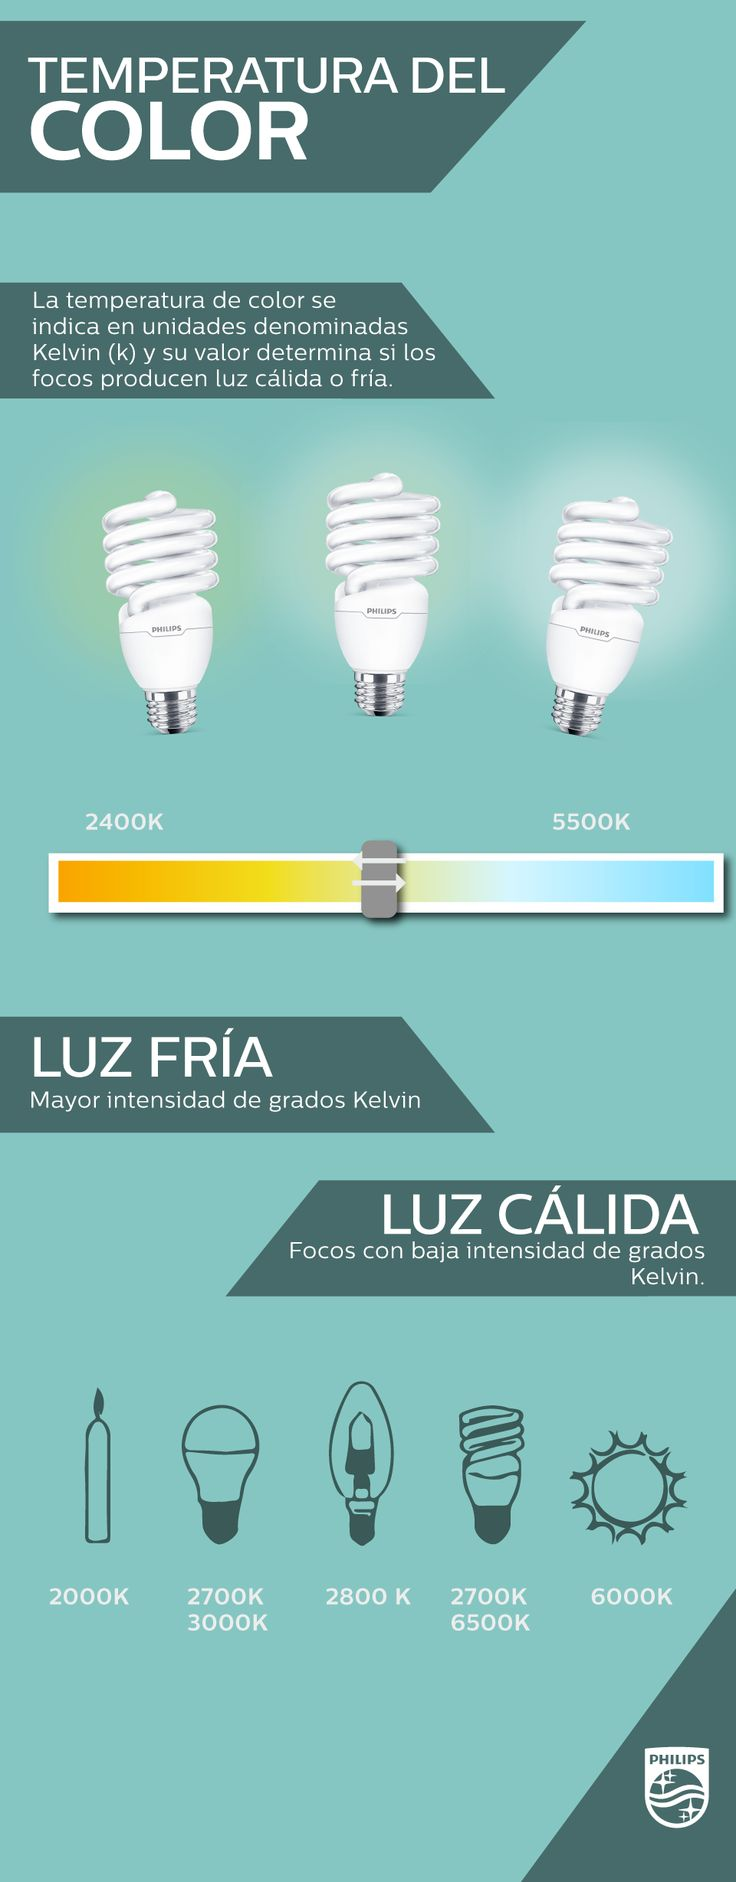 La luz fría y cálida cumplen con distintas  utilidades dentro de un plan de iluminación, sin embargo ambas son indispensables para determinadas funciones. Aquí te explicamos de manera sencilla cómo funciona la temperatura del color.